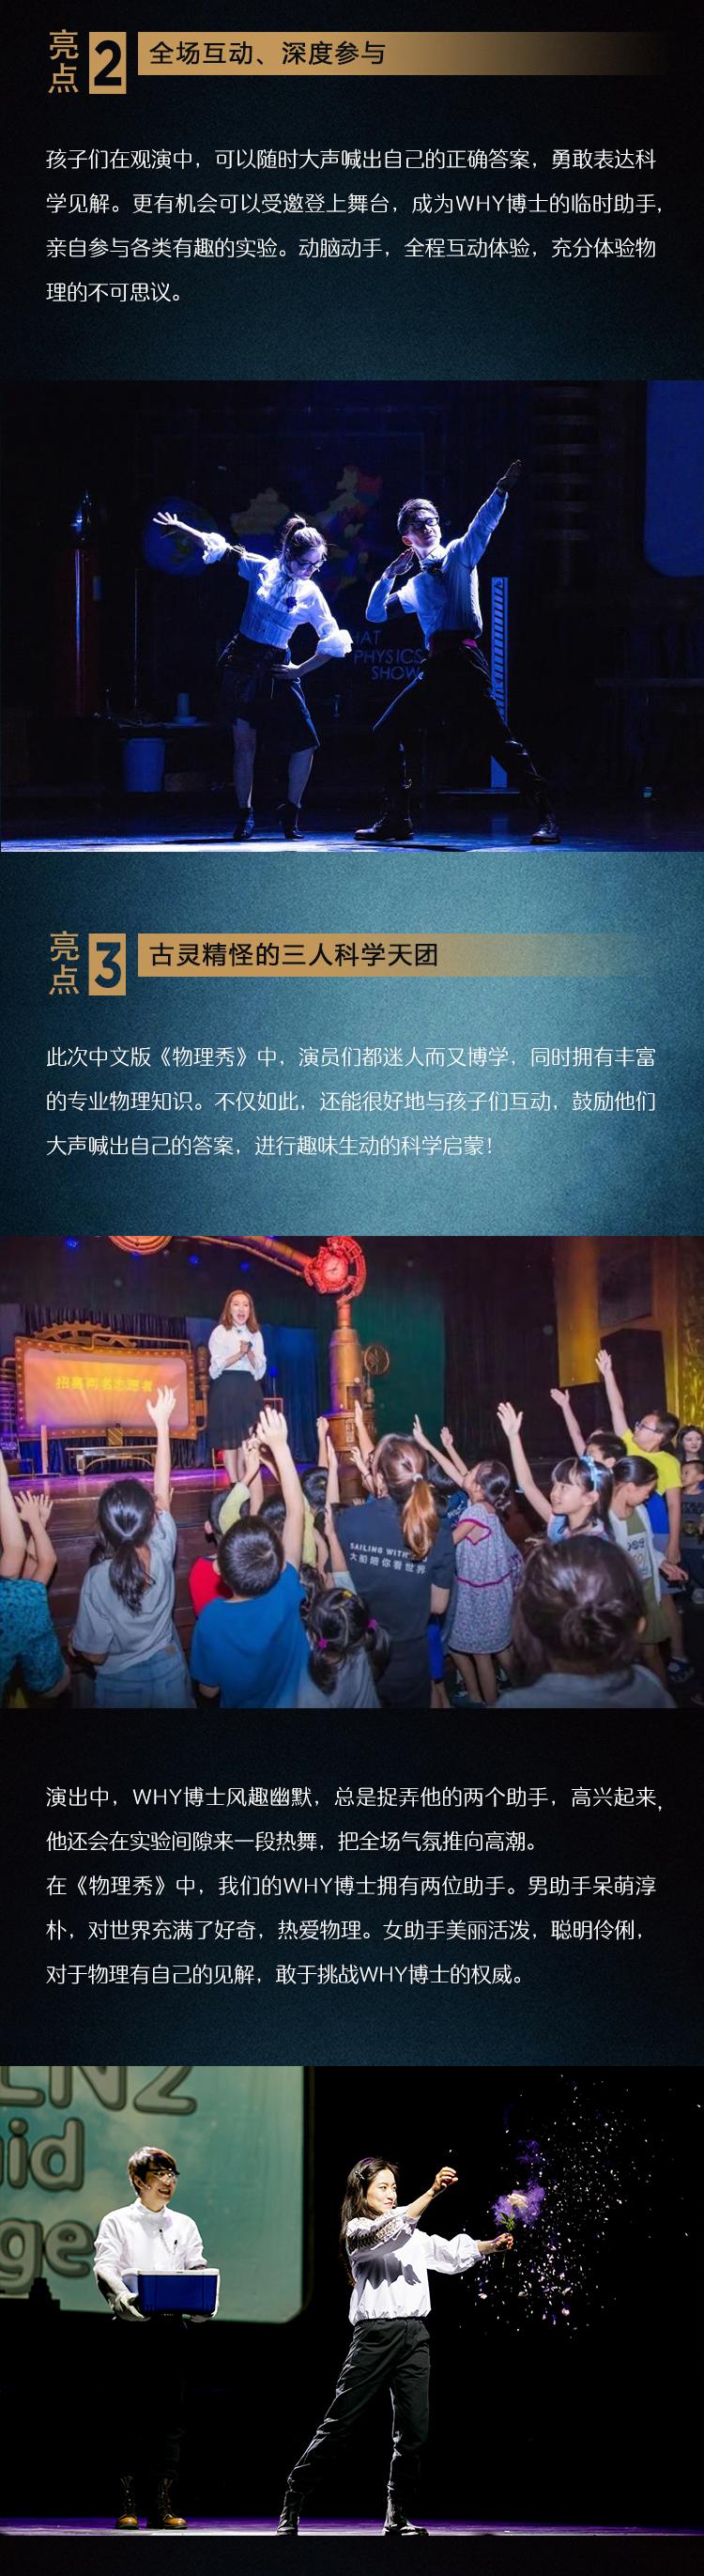 2021百老汇互动亲子科学剧《物理秀》中文版-天津站